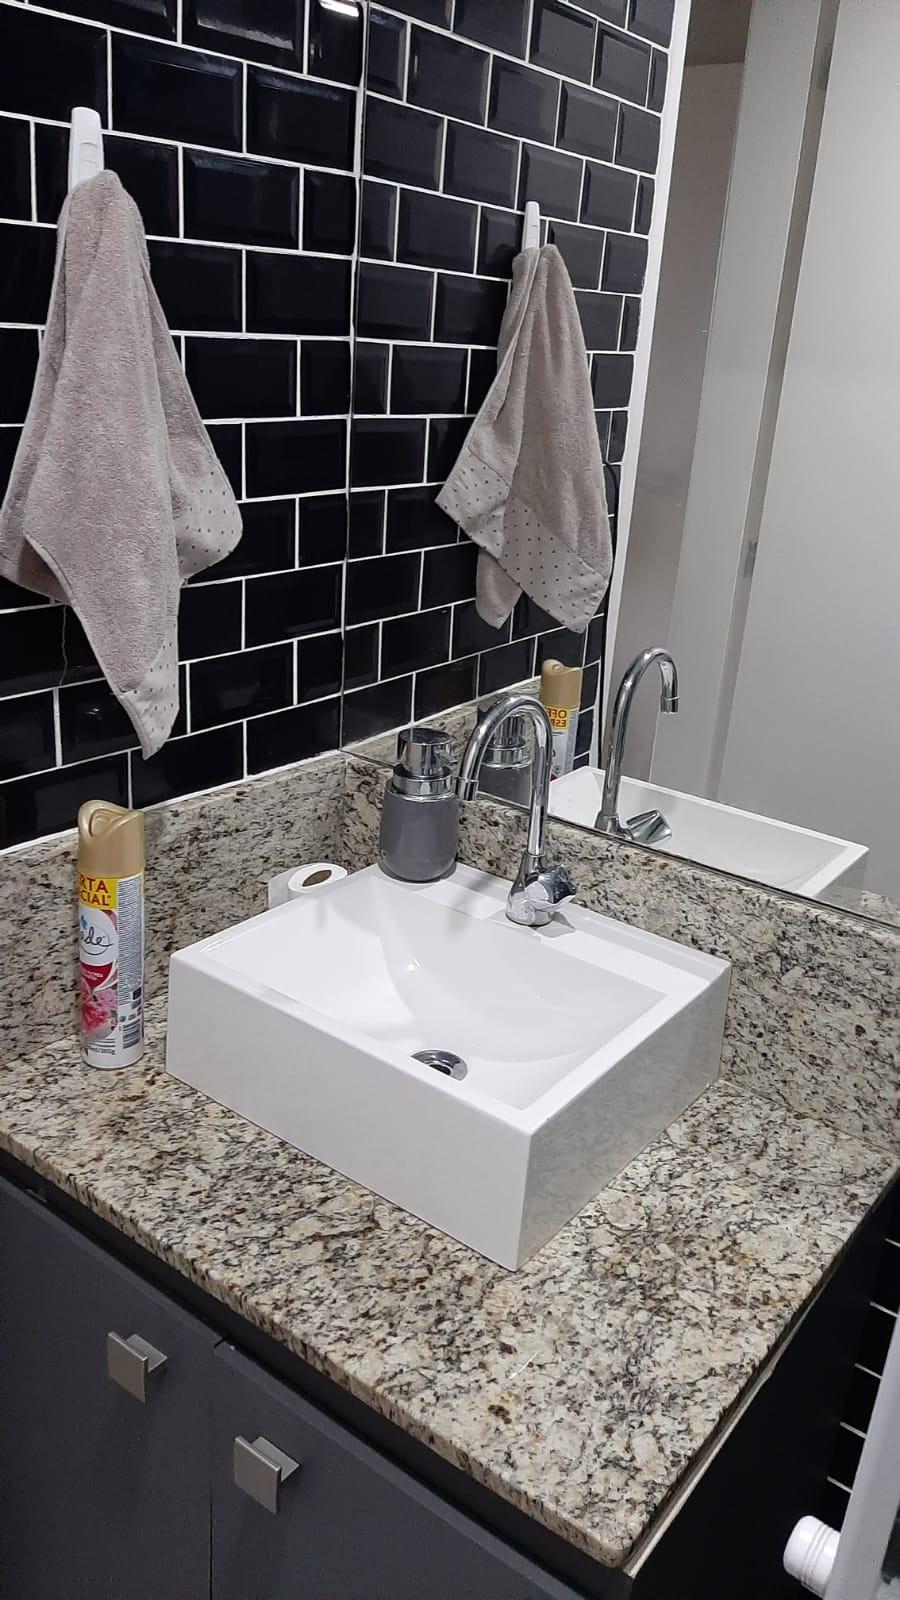 FOTO 25 - Cobertura 3 quartos à venda Rio de Janeiro,RJ - R$ 600.000 - CO00025 - 26